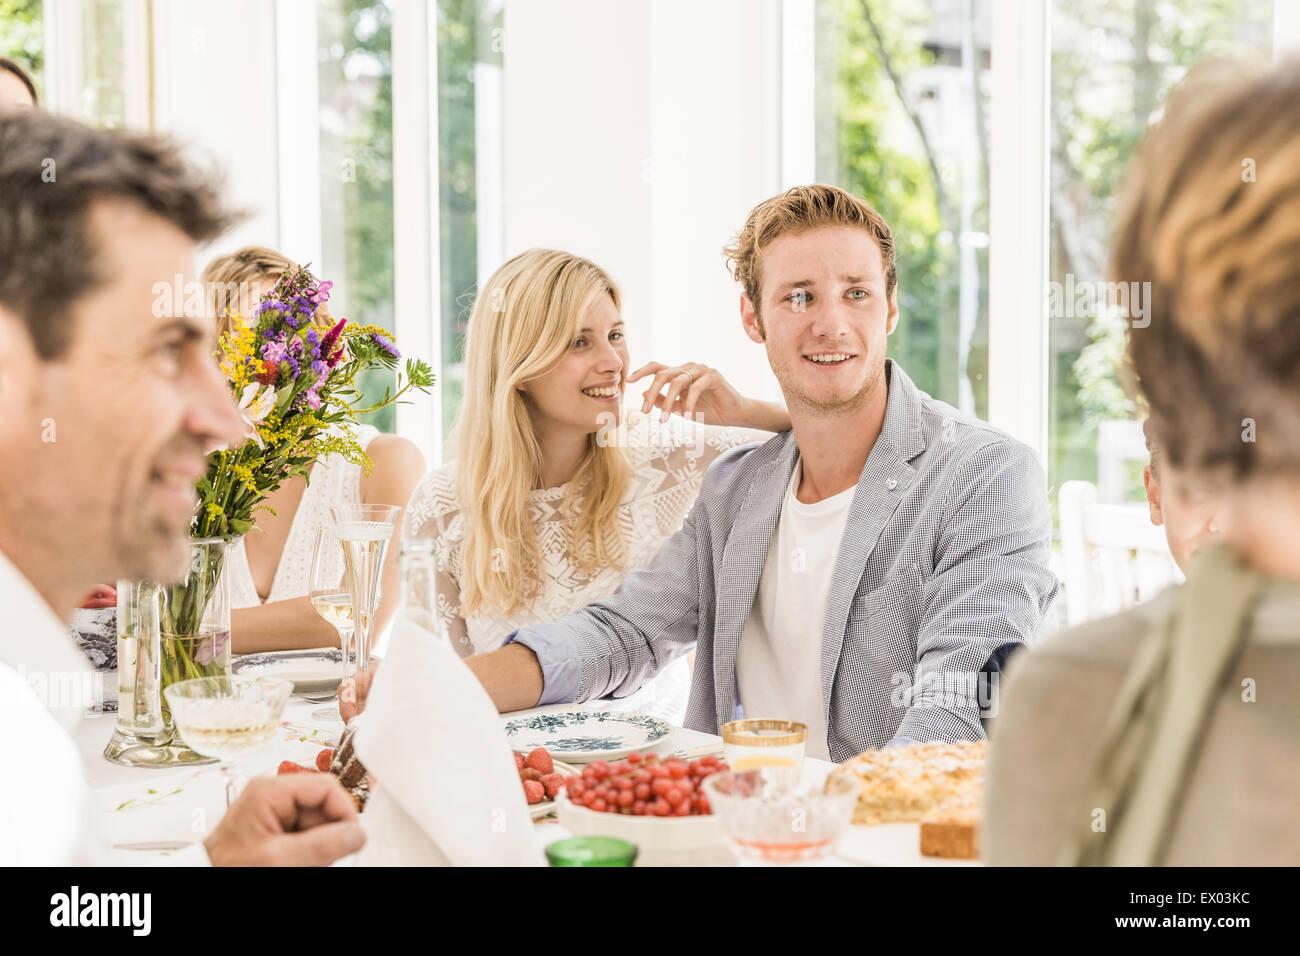 Famiglia adulti chat a festa di compleanno tabella Immagini Stock